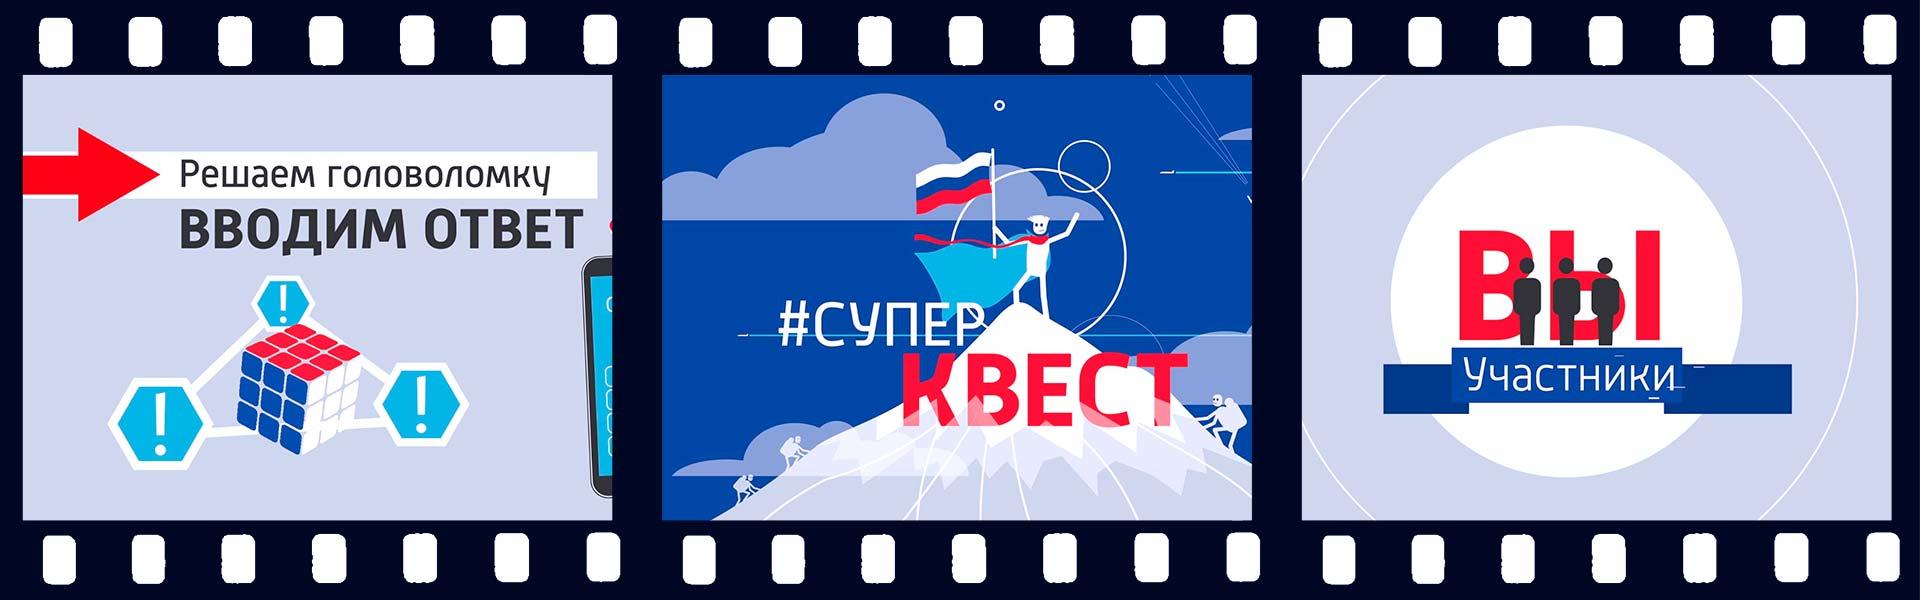 Квест: За мной Россия, 2017